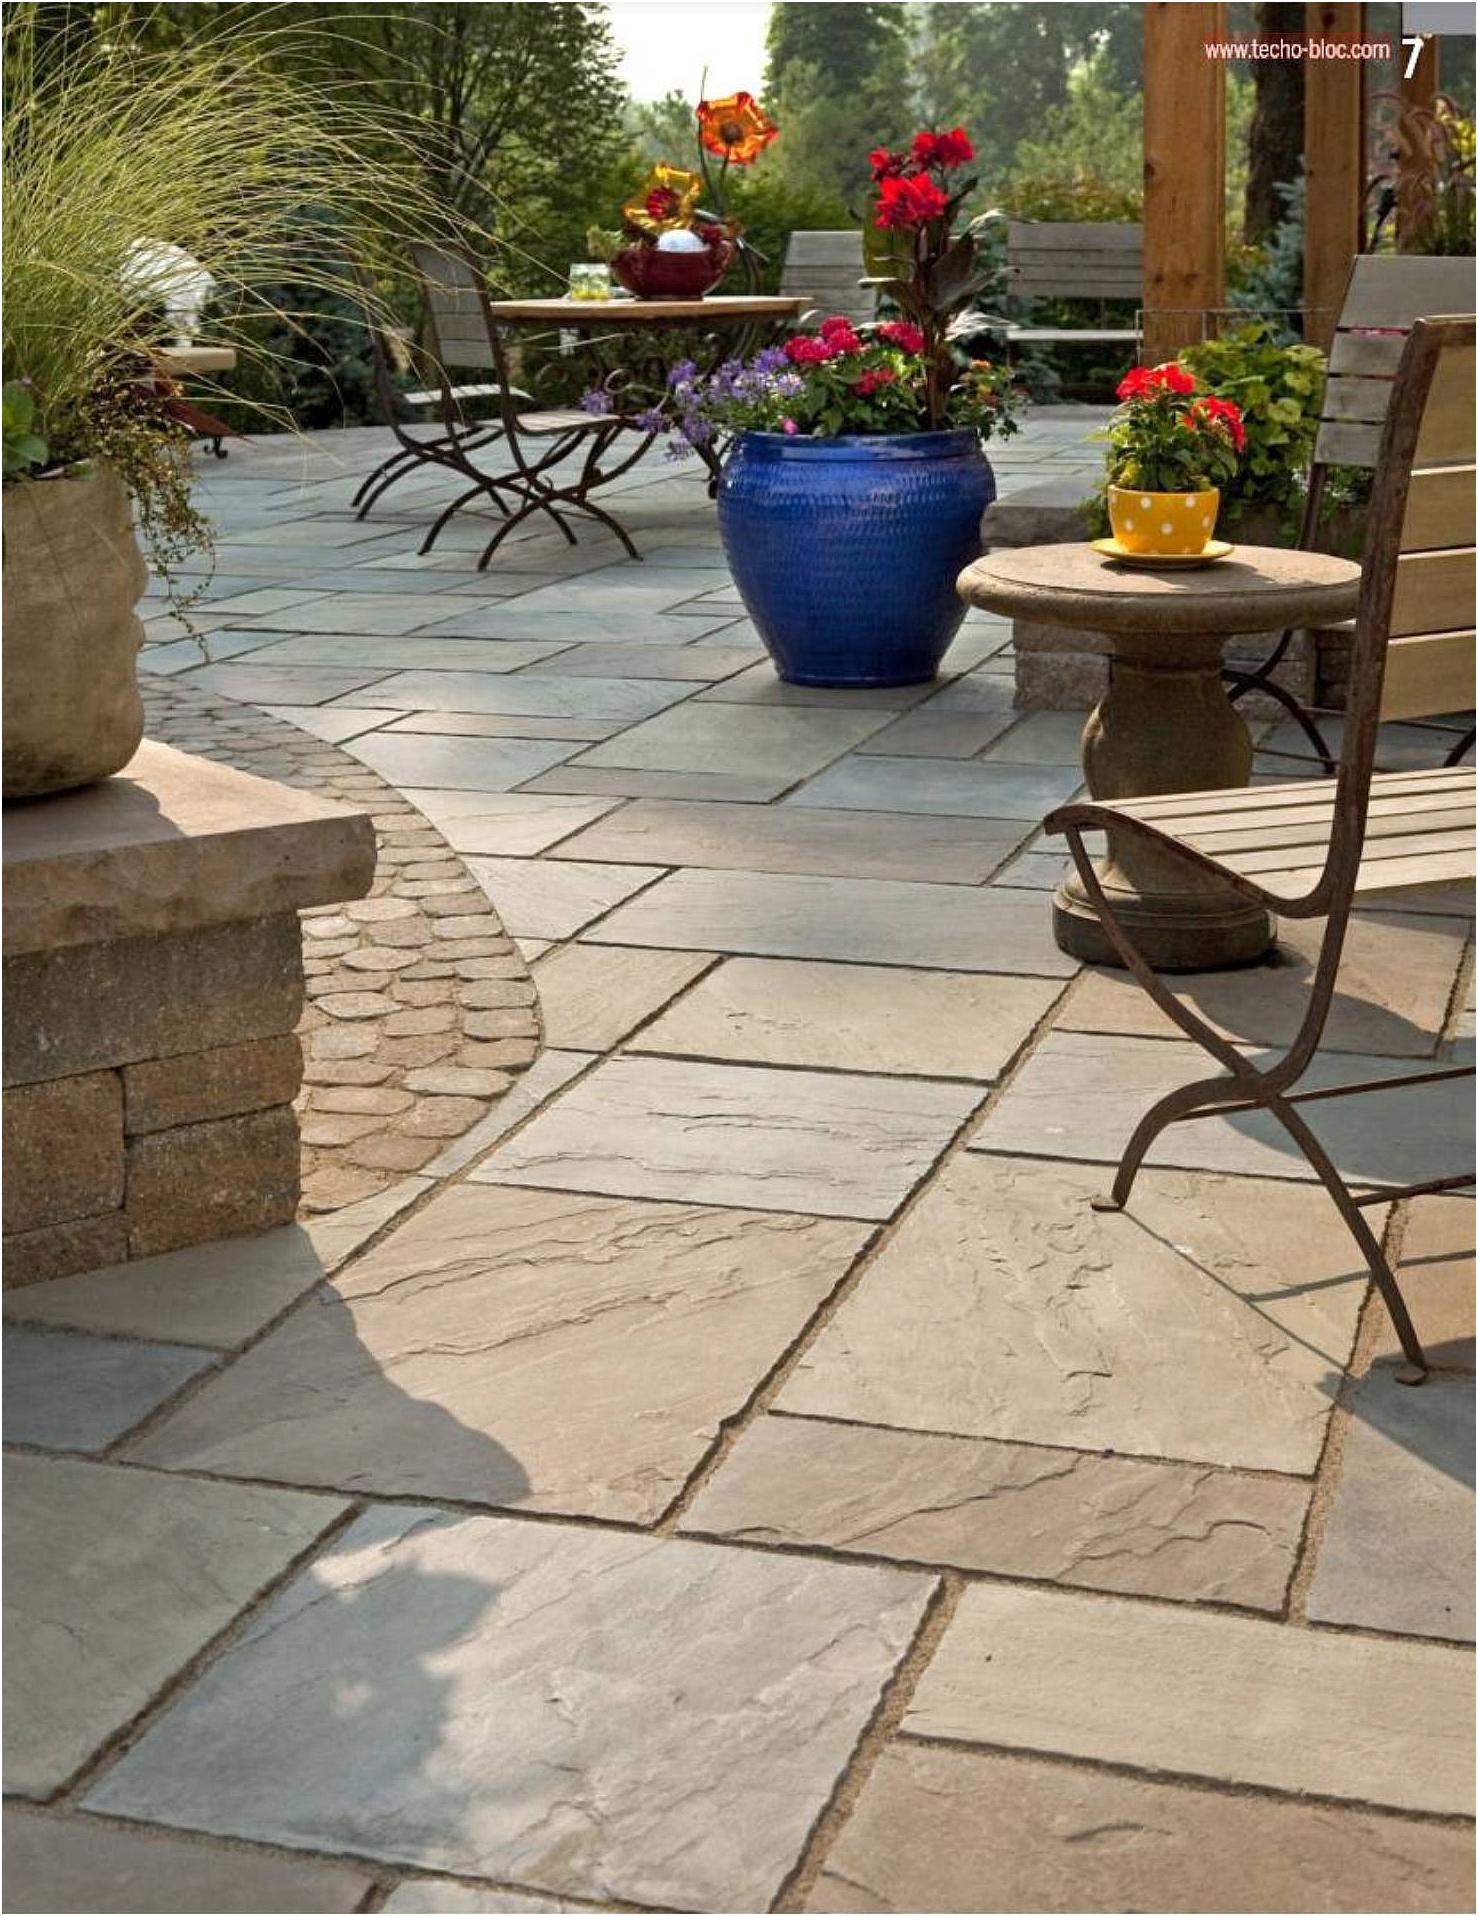 6. Use stamped concrete via Simphome.com